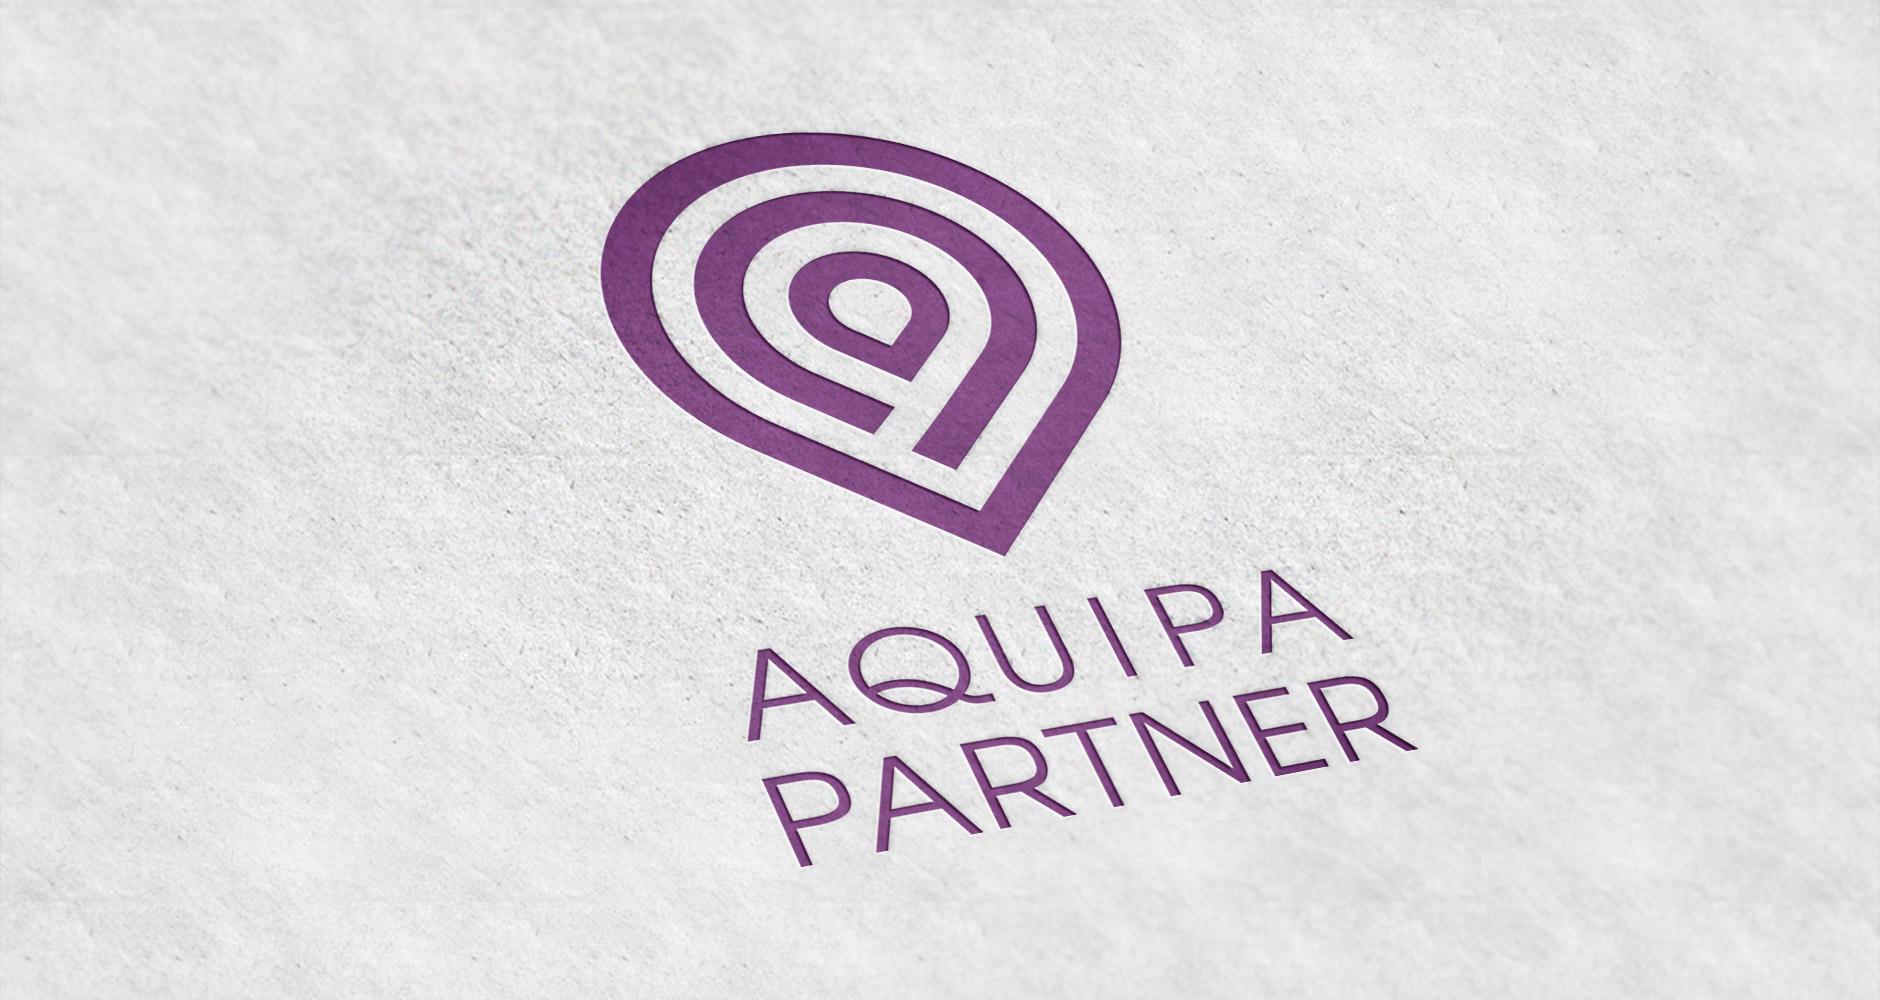 Aquipa Partner